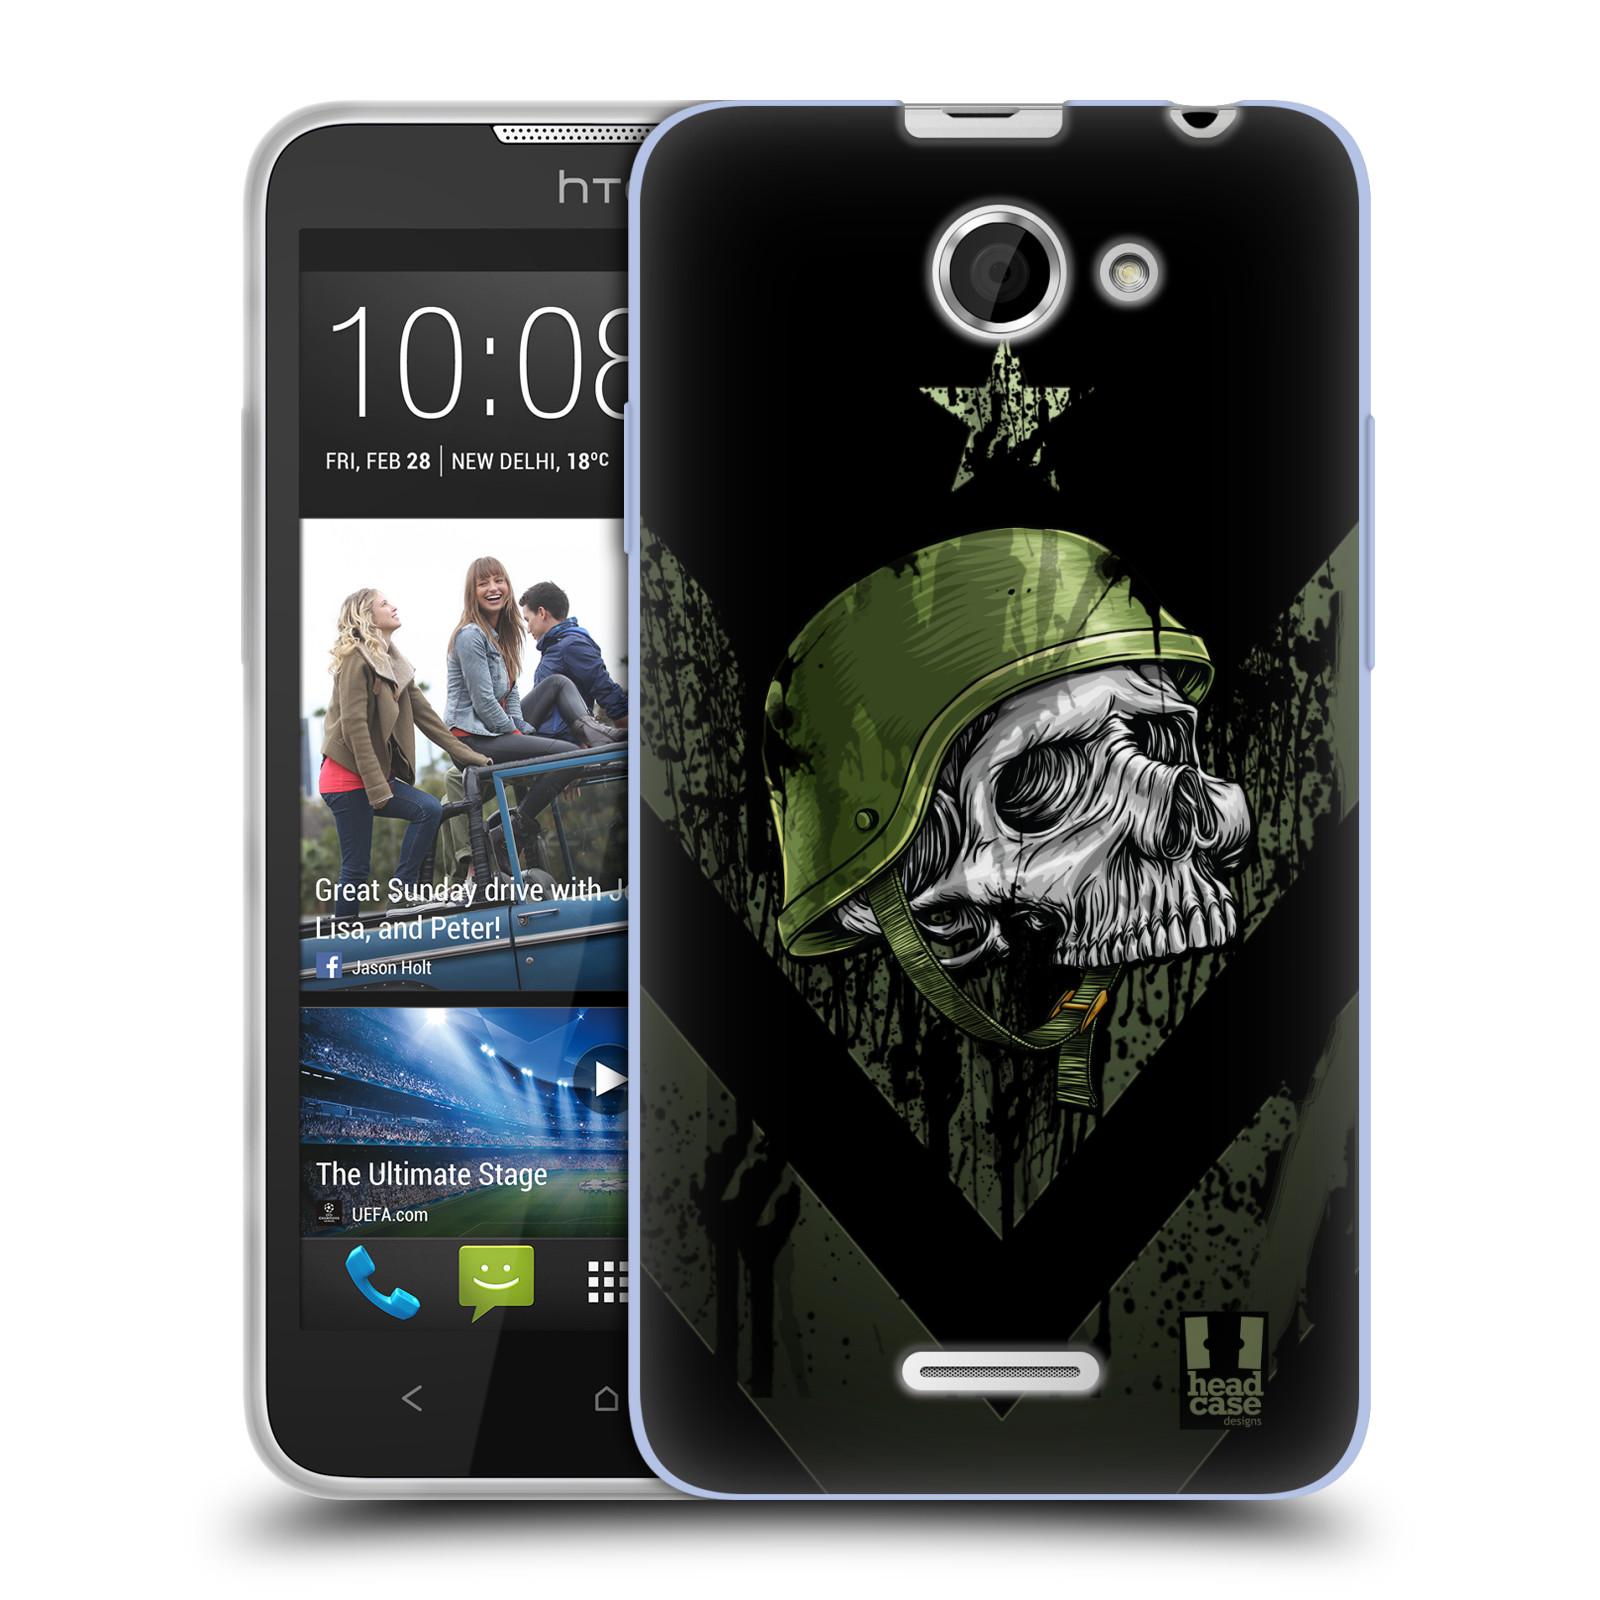 Silikonové pouzdro na mobil HTC Desire 516 HEAD CASE LEBKA ONE MAN (Silikonový kryt či obal na mobilní telefon HTC Desire 516 Dual SIM)